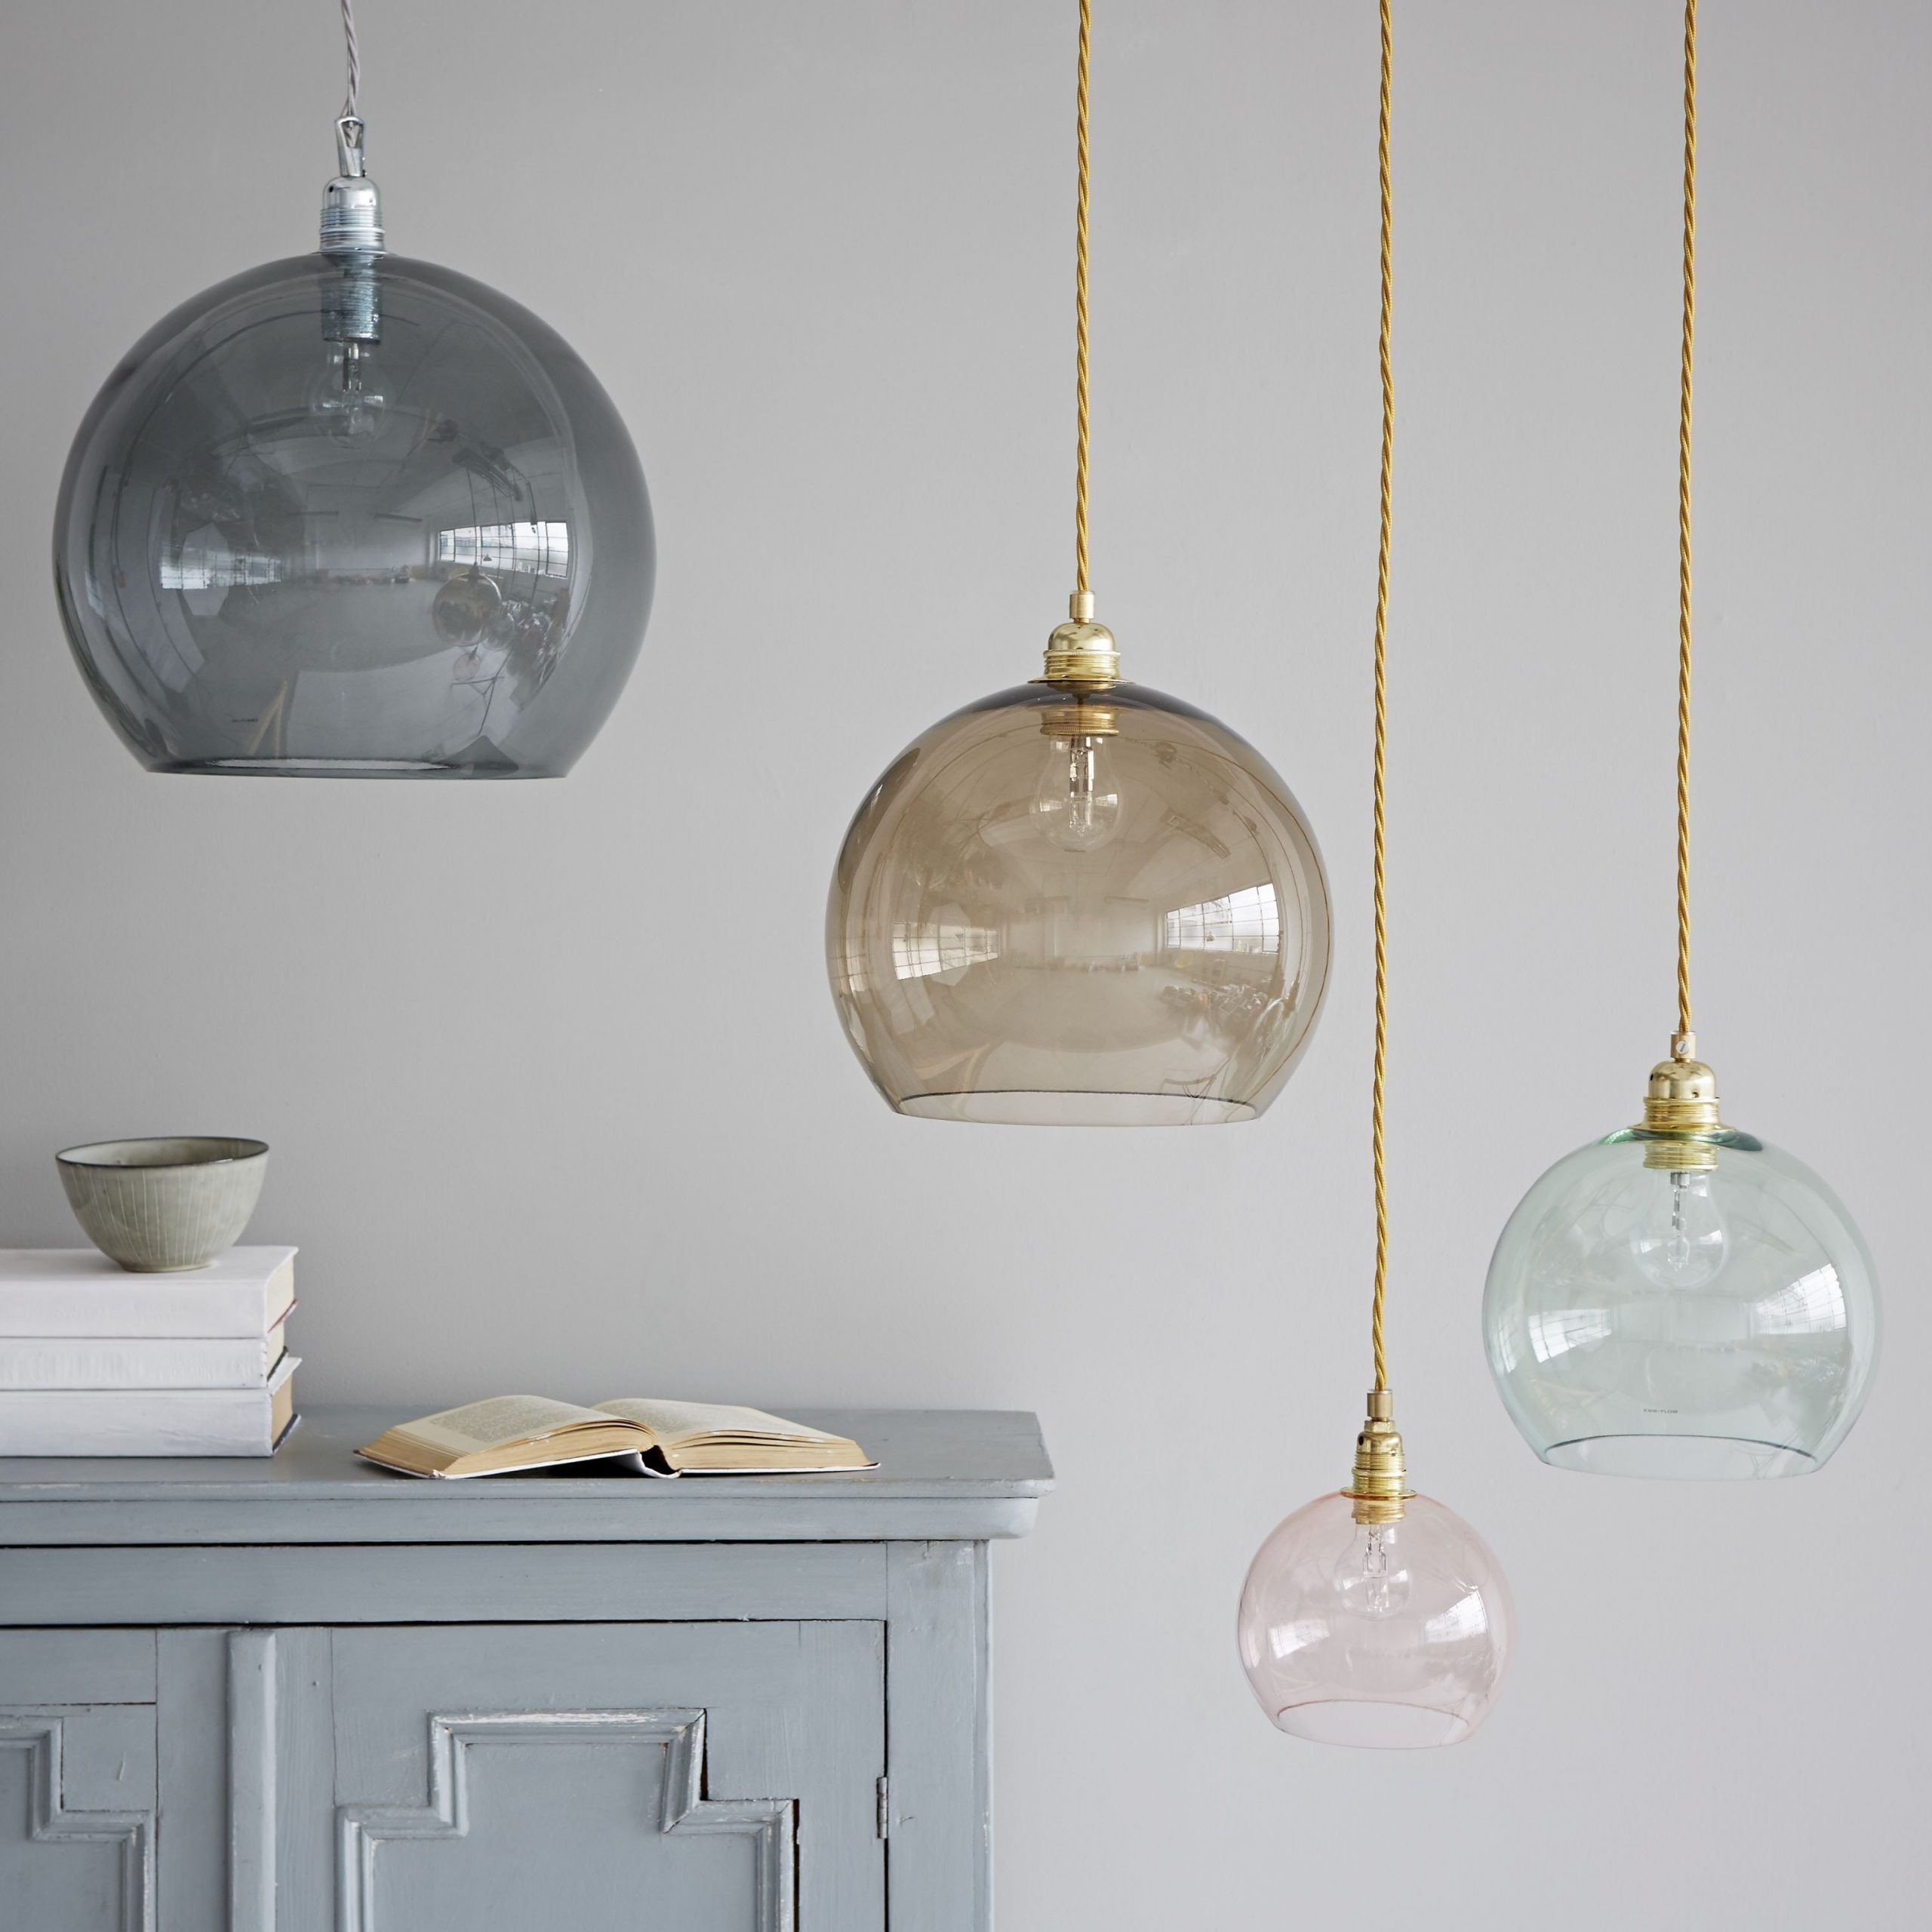 Farbiges Glas Pendelleuchten   Lampen wohnzimmer, Beleuchtung wohnzimmer, Bad pendelleuchte